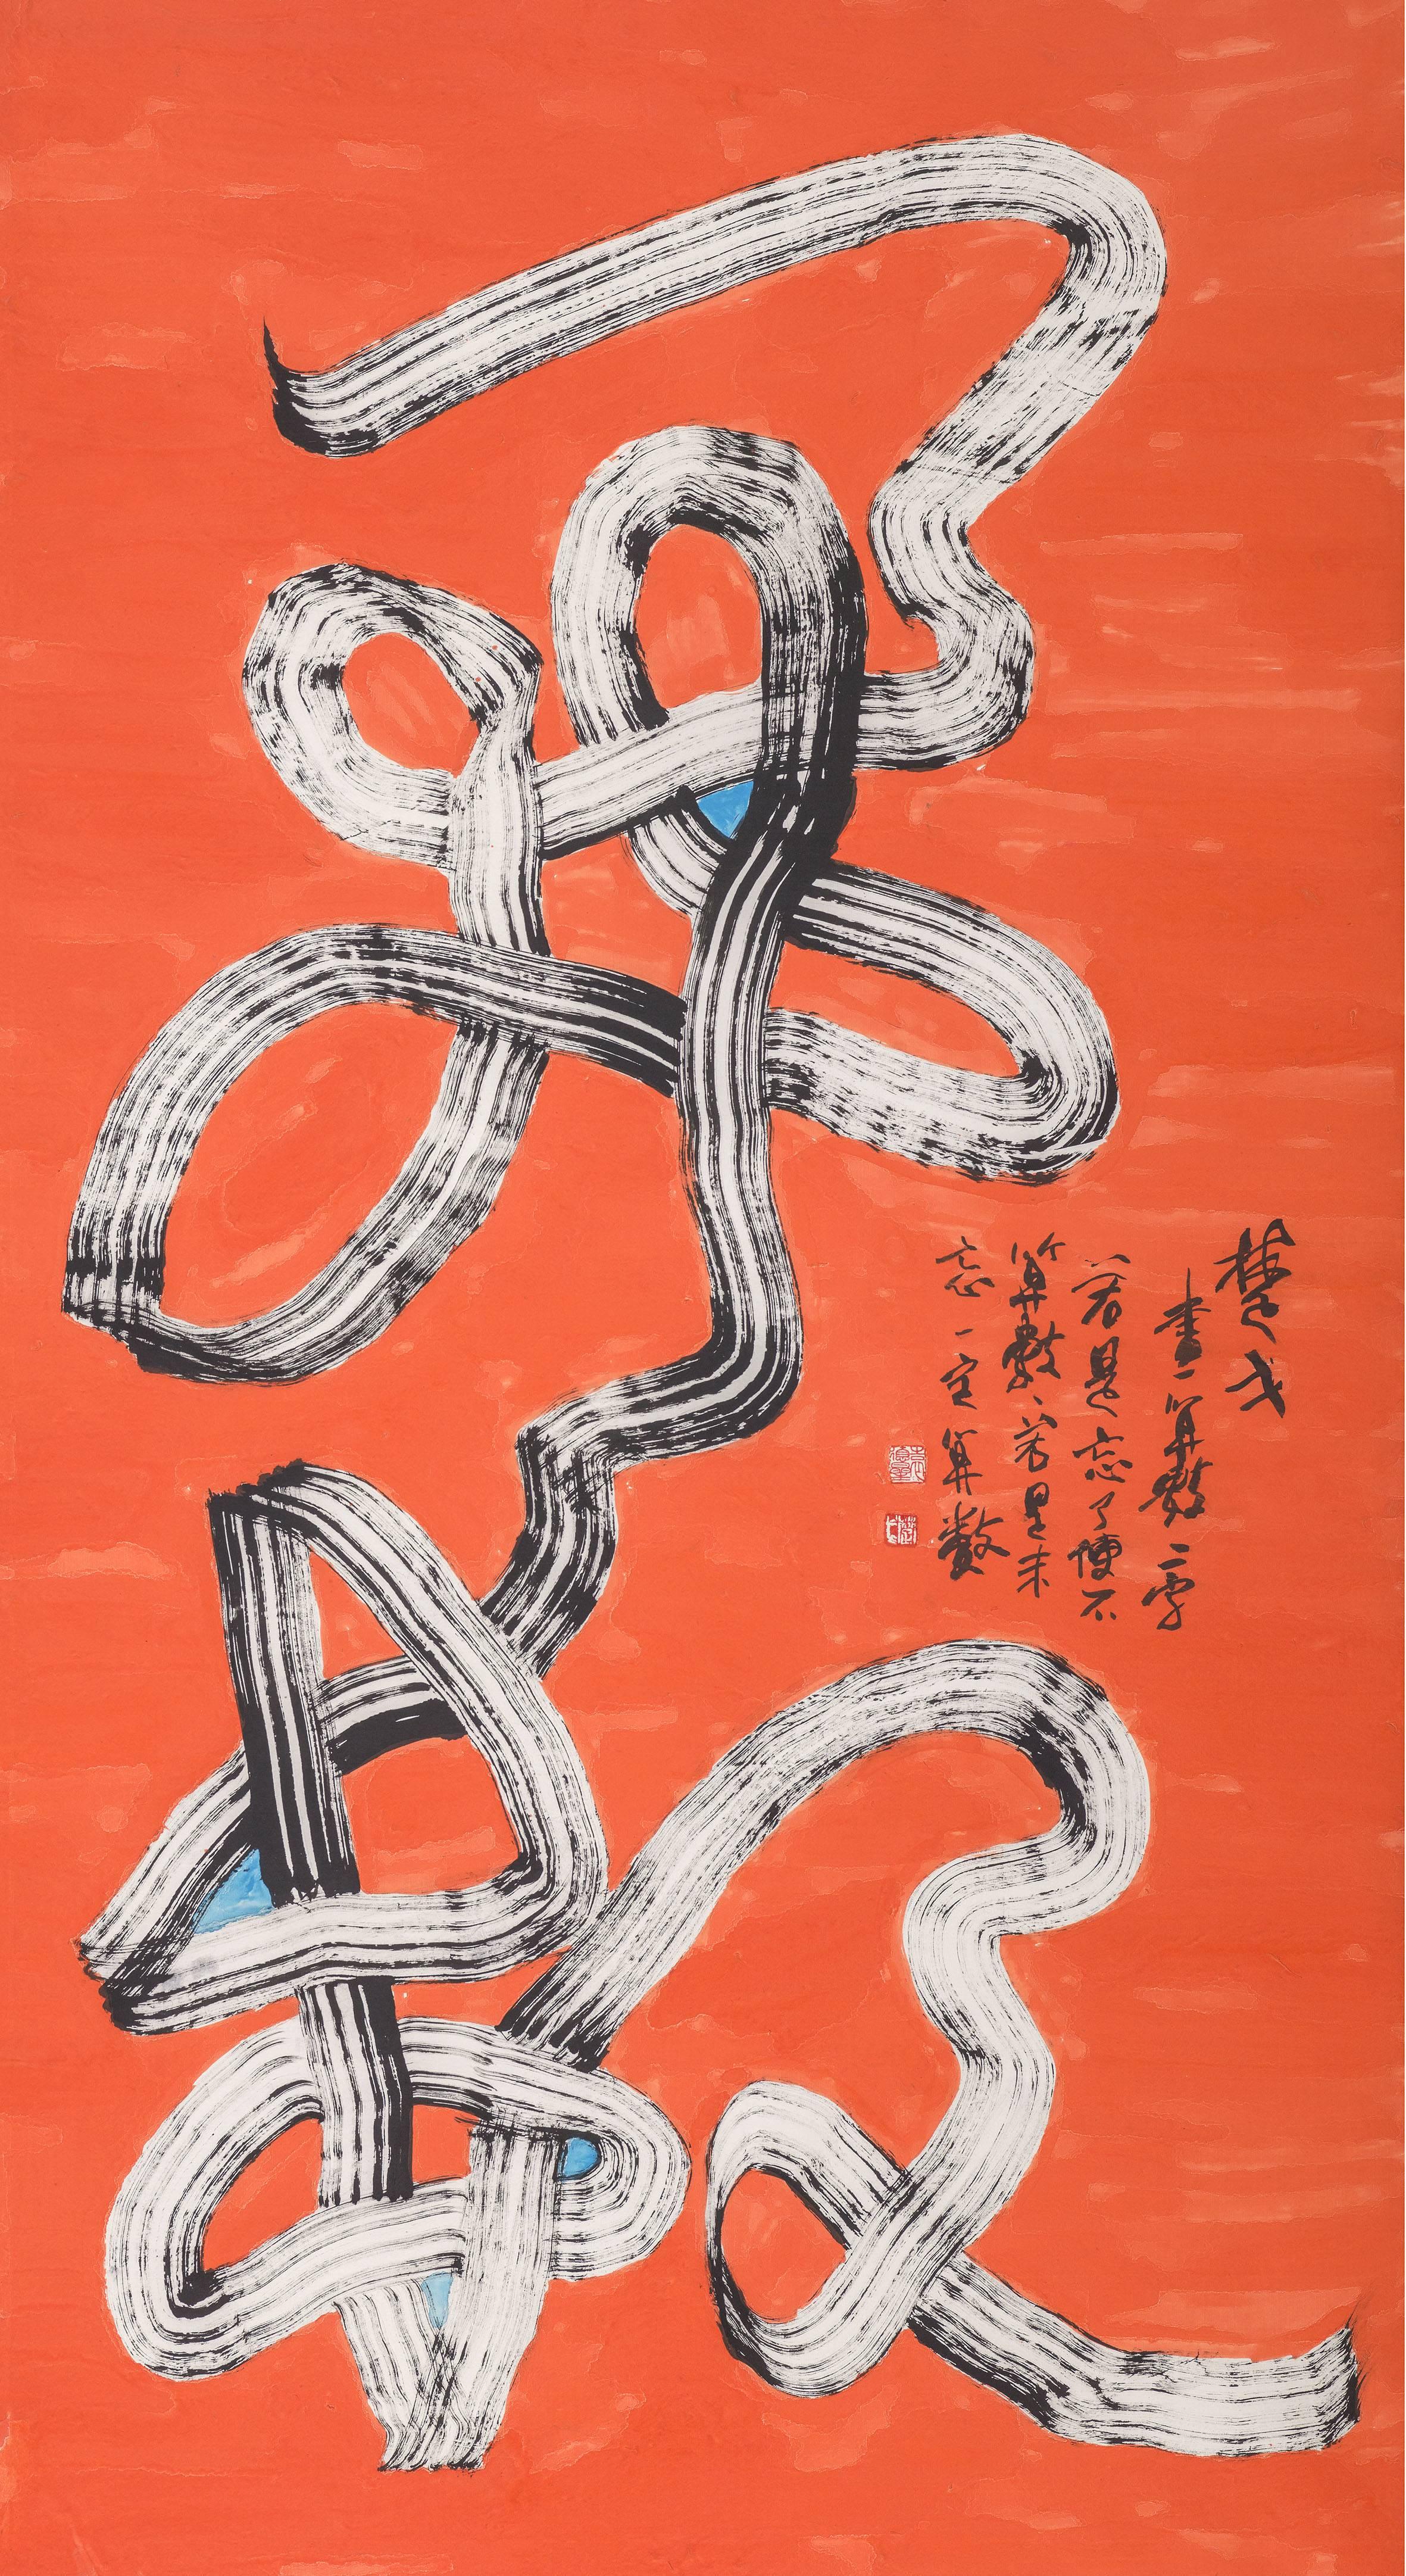 楚戈_算數_水墨、壓克力、紙本_138.5×77.5cm (11.9才)。(圖/尊彩藝術中心提供)